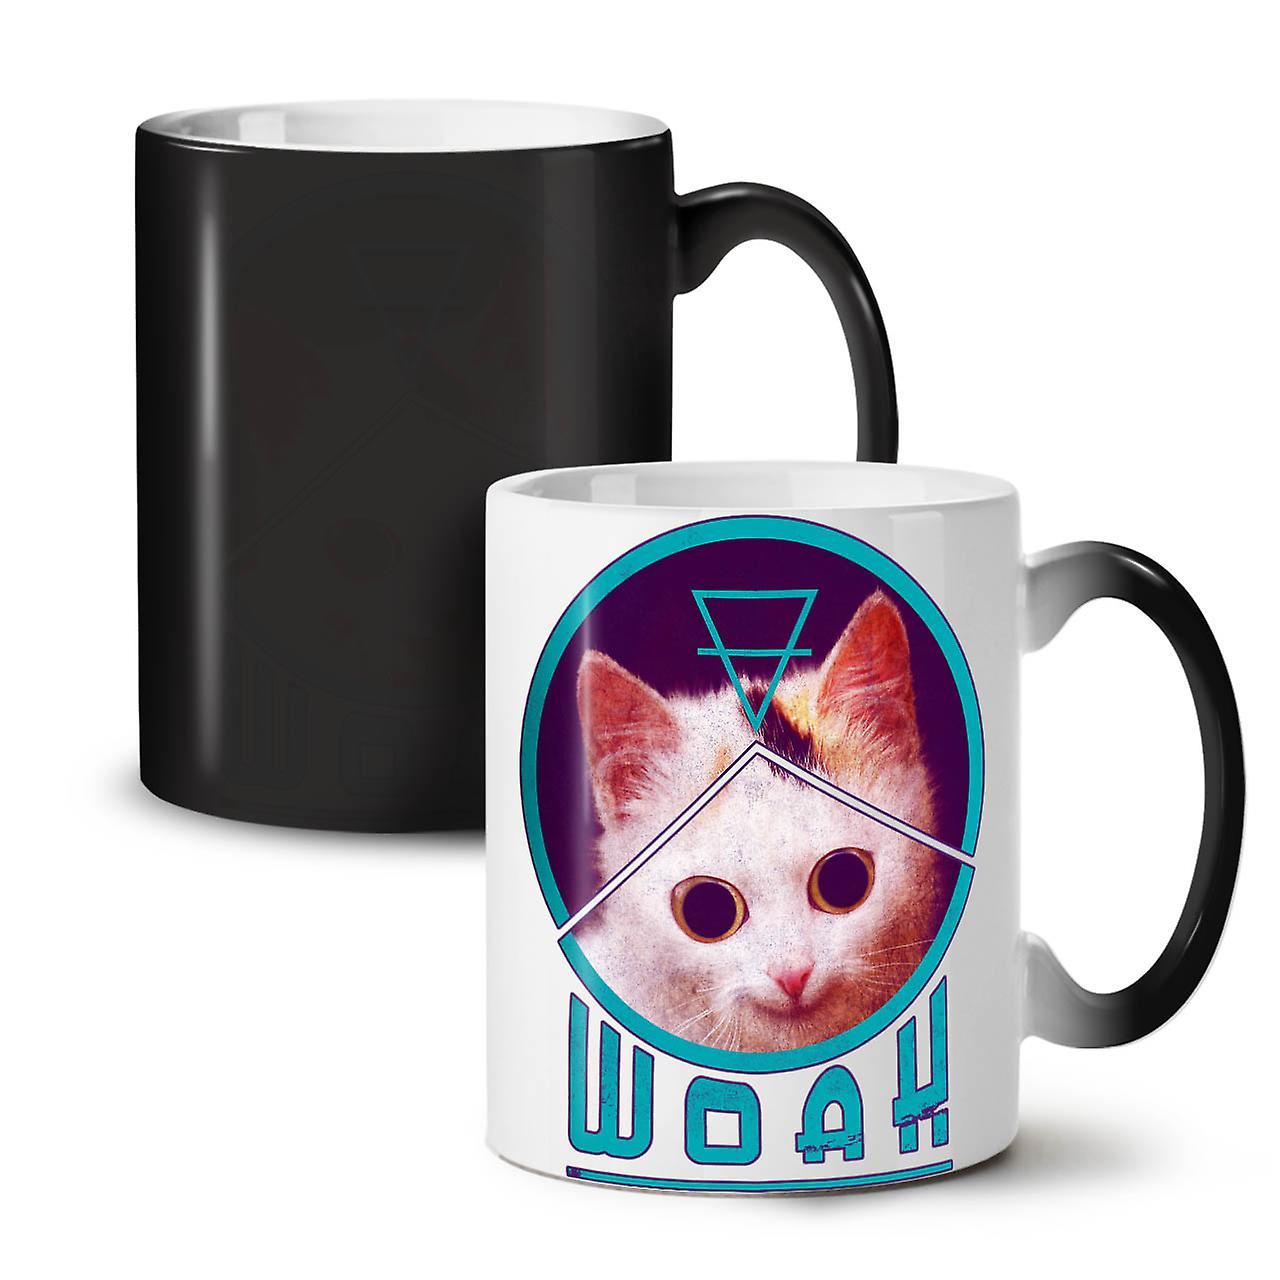 Drôle Couleur Céramique Tasse Changeant Noir Thé Nouveau De Woah OzWellcoda Café Cat 11 Drug Cool PwTikuOXZ